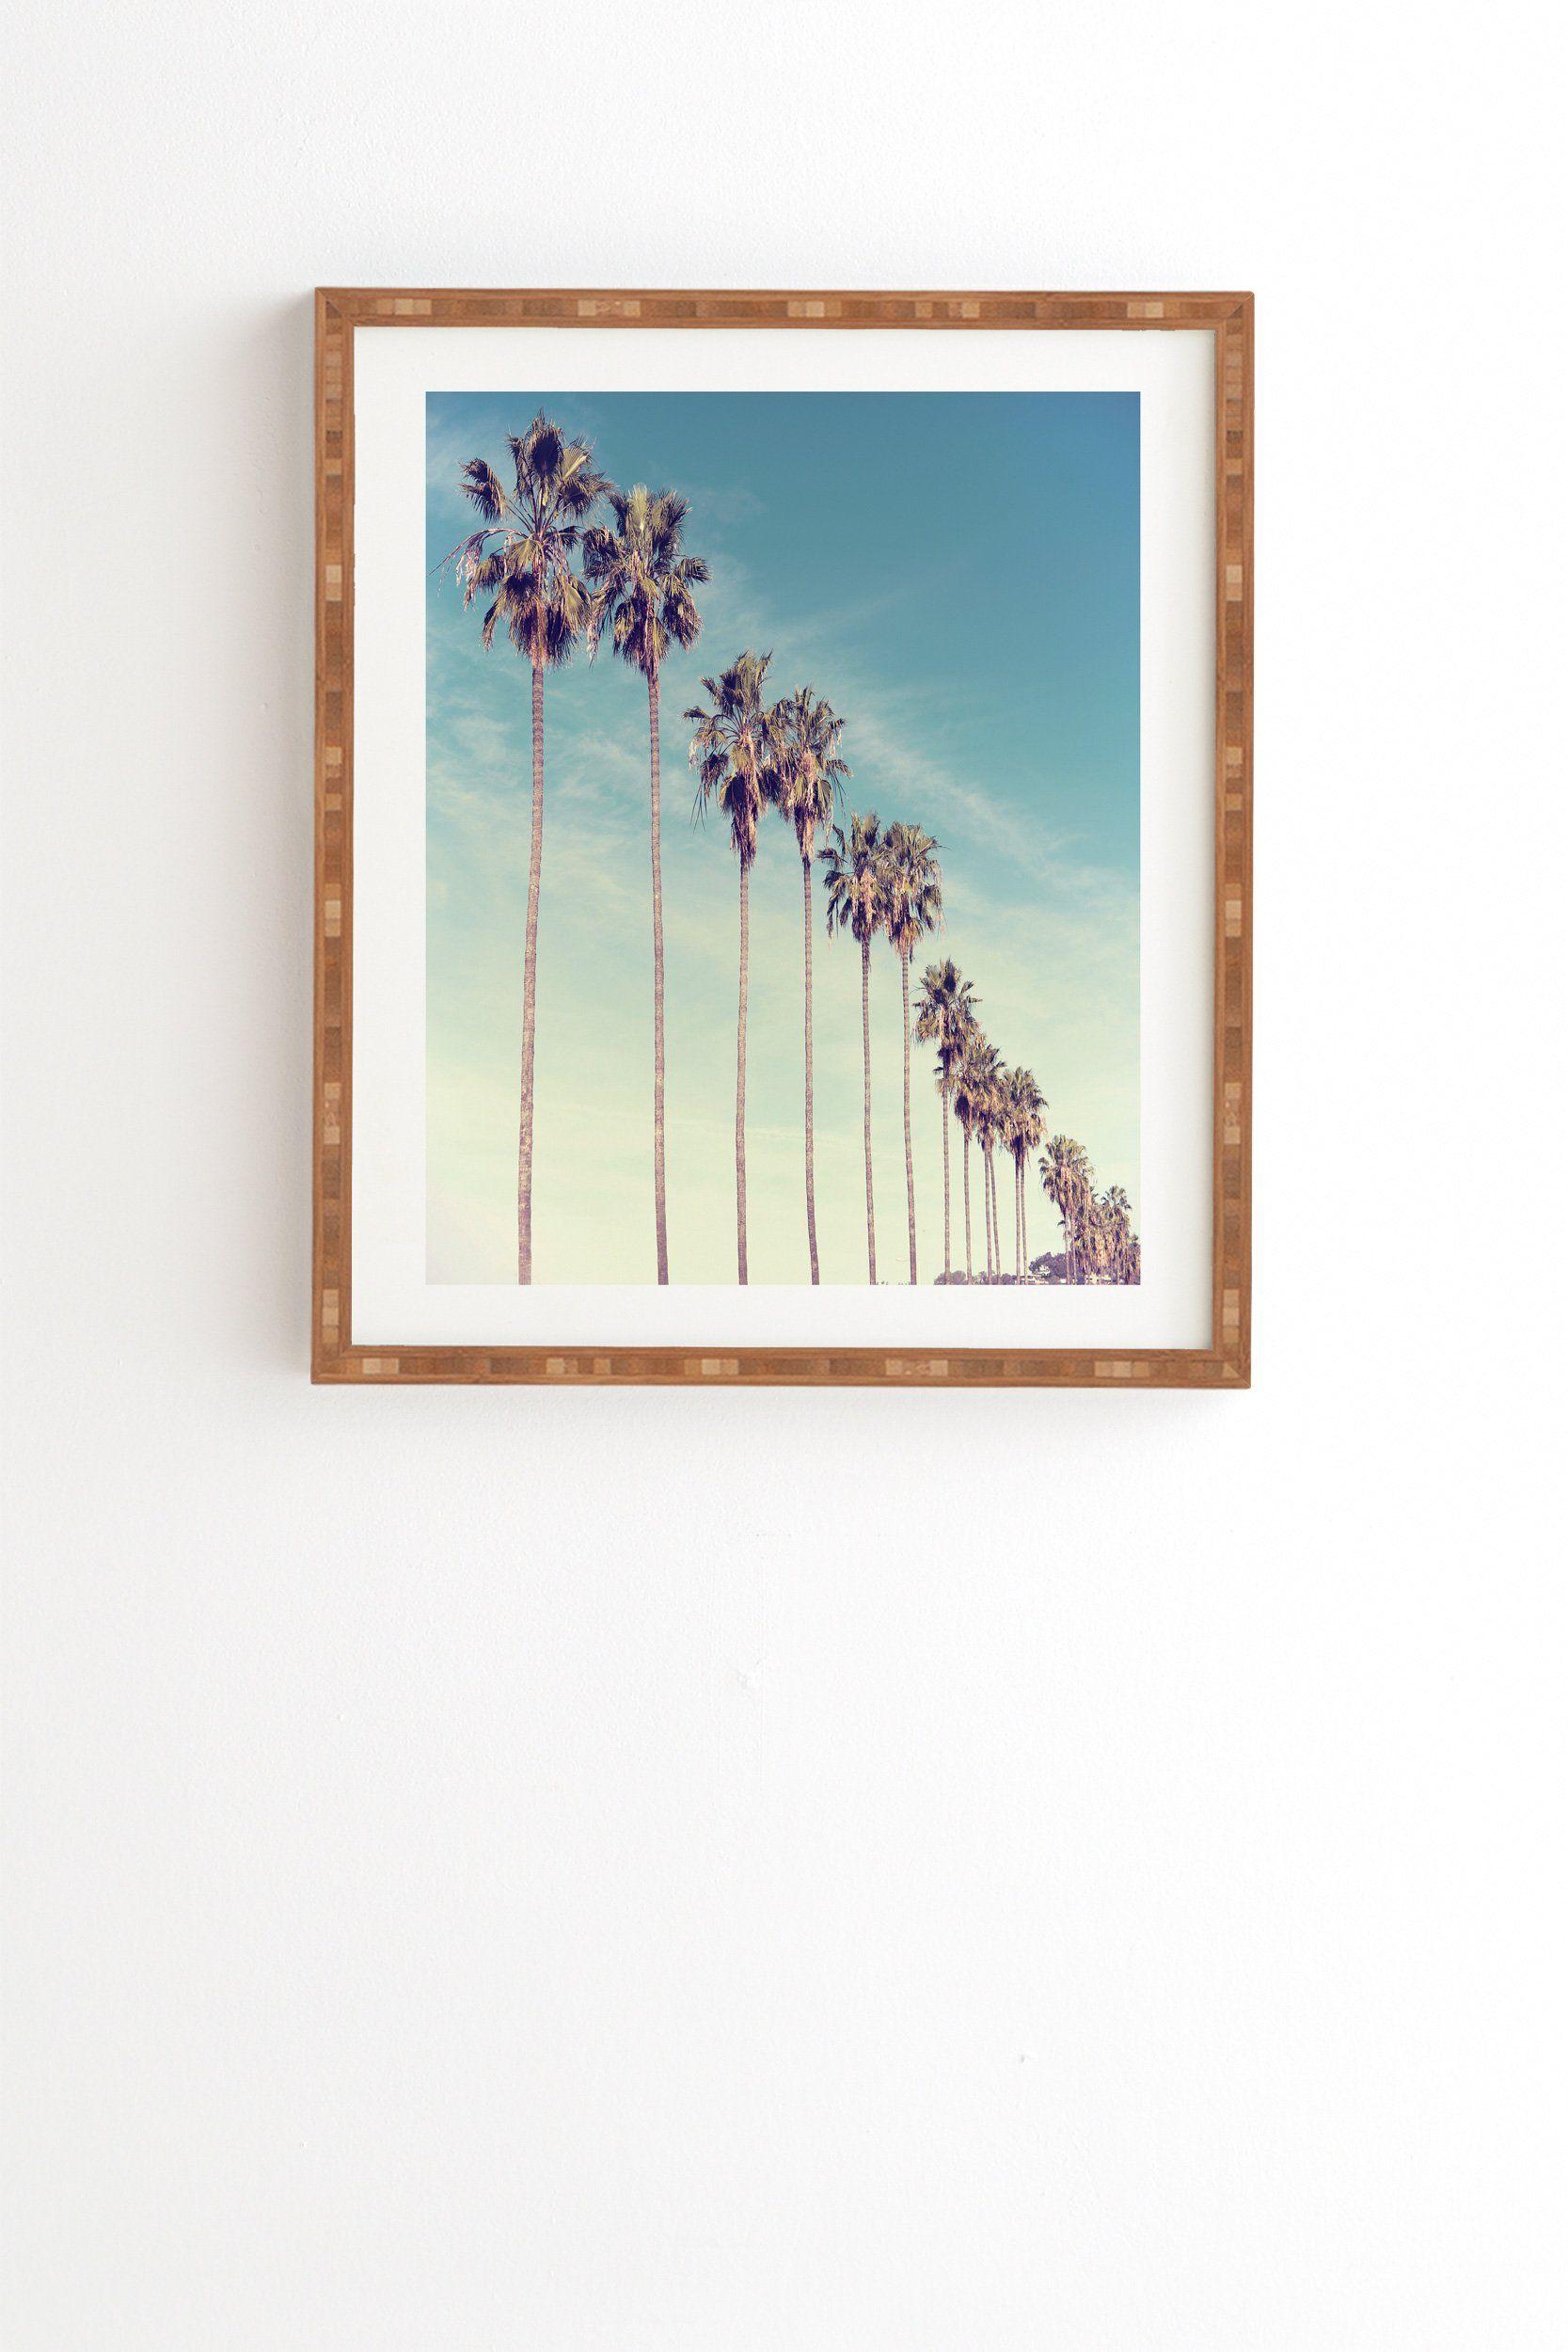 California Summer Framed Wall Art Bree Madden Wall Art Art Framed Wall Art